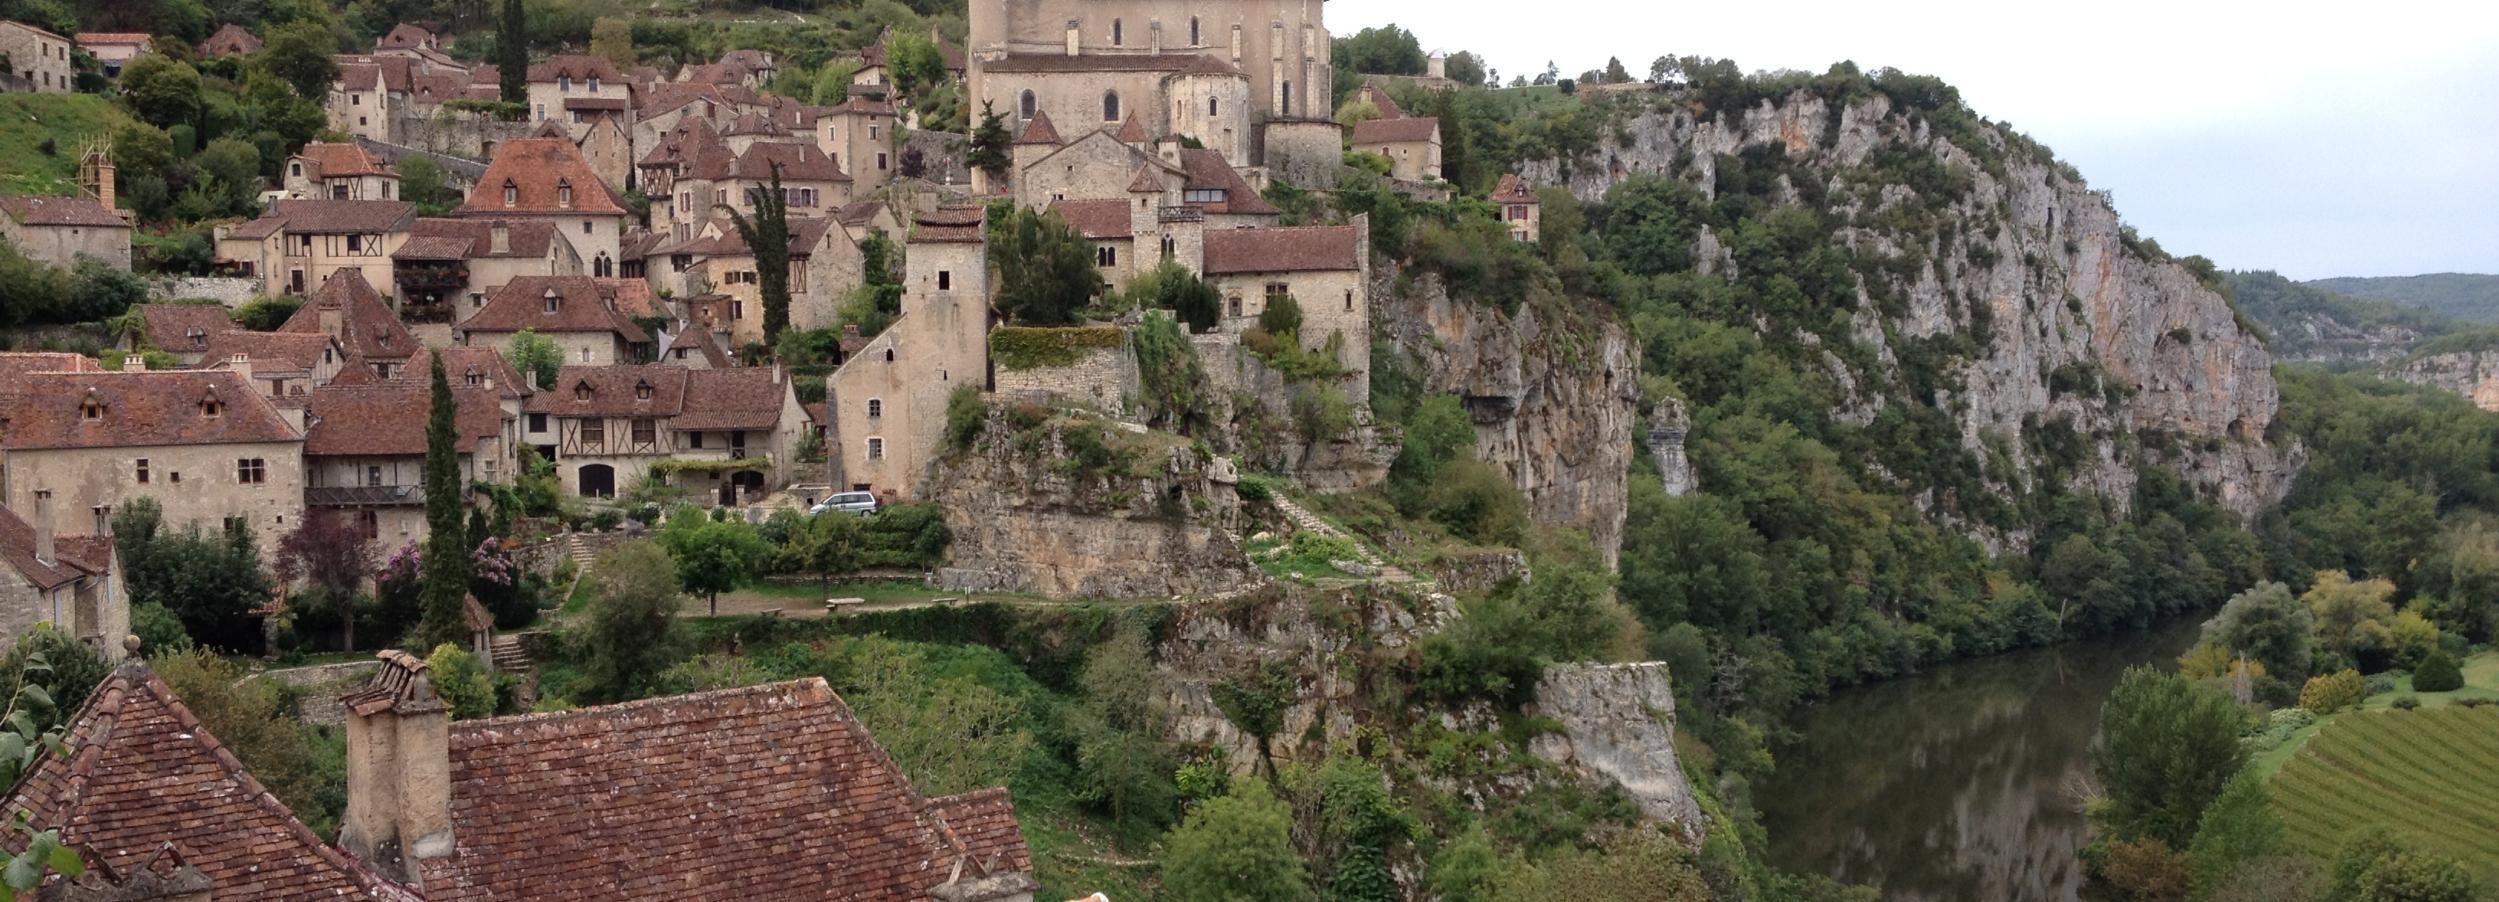 De Toulouse: excursion d'une journée à Peche Merle et Saint Cirq LaPopie